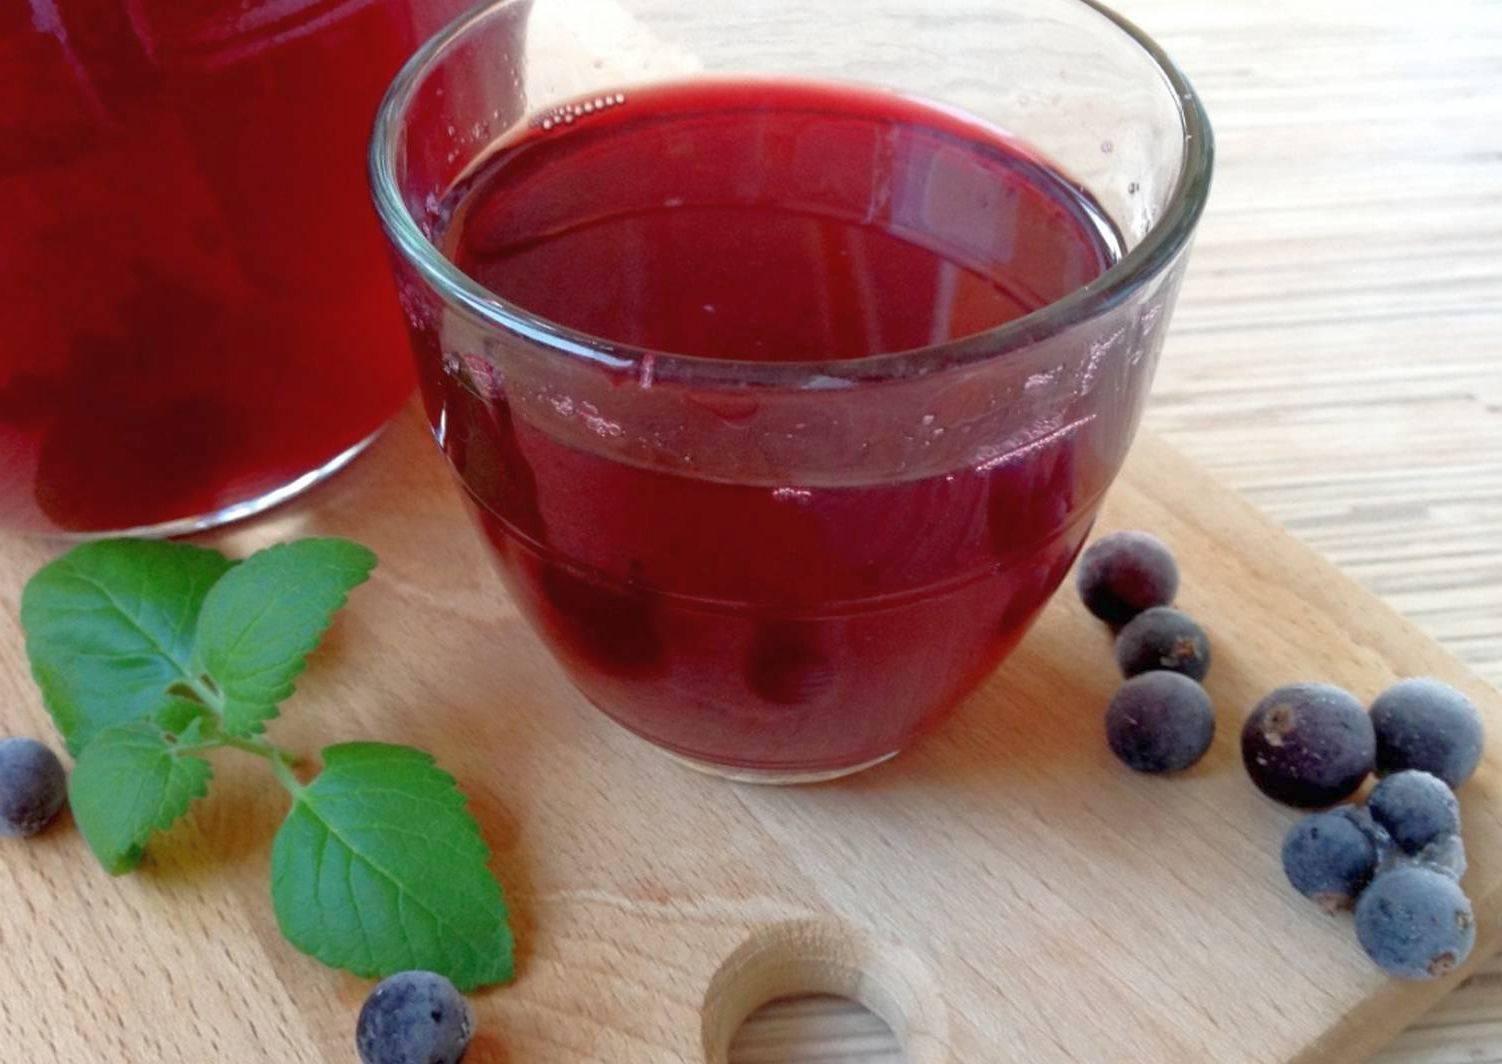 Компот из замороженной красной смородины: рецепт с фото. как варить компот из красной смородины?